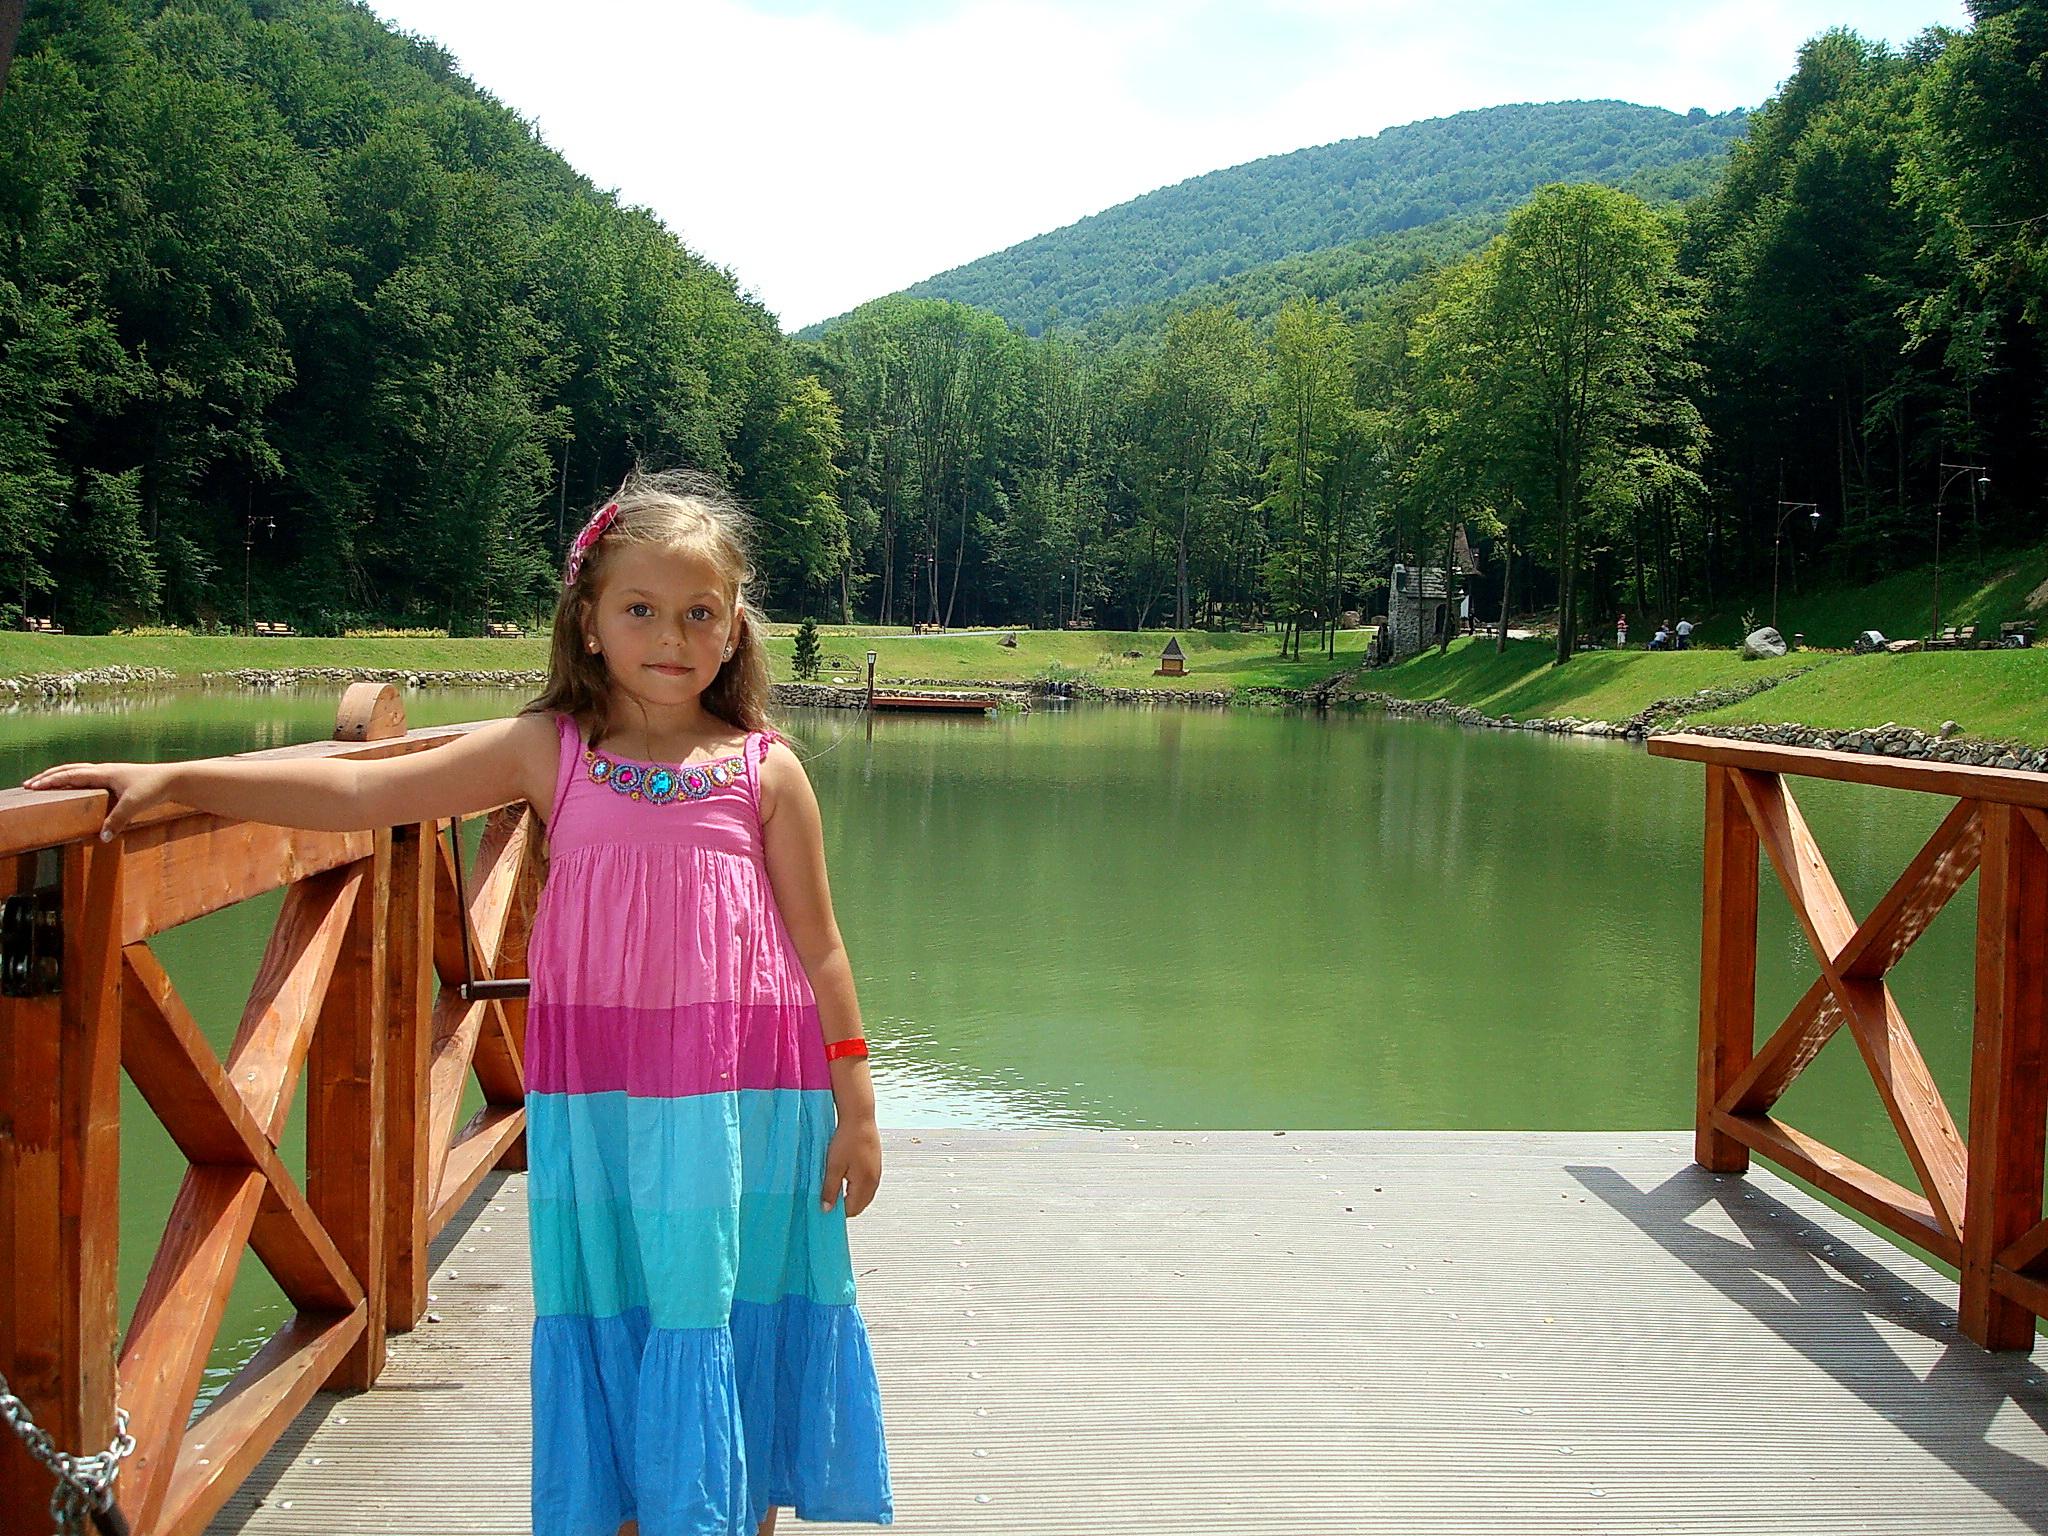 Отправляемся с семьей на запоминающийся отдых в Карпаты